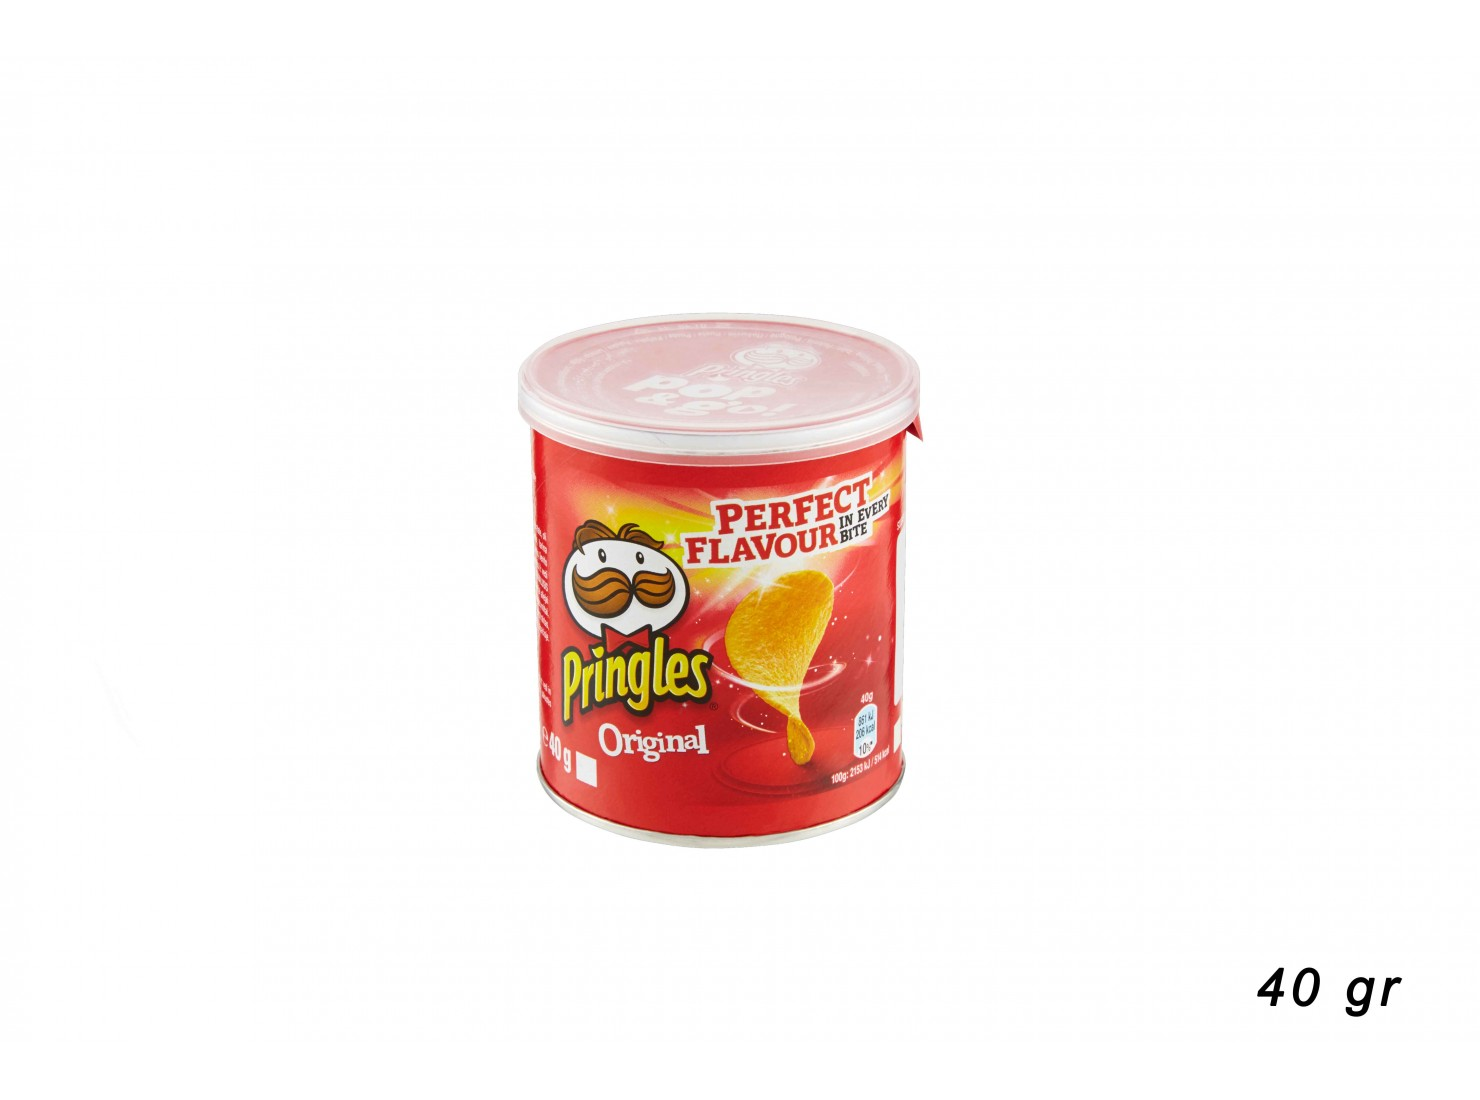 PRINGLES ORIGINALS 40 GR